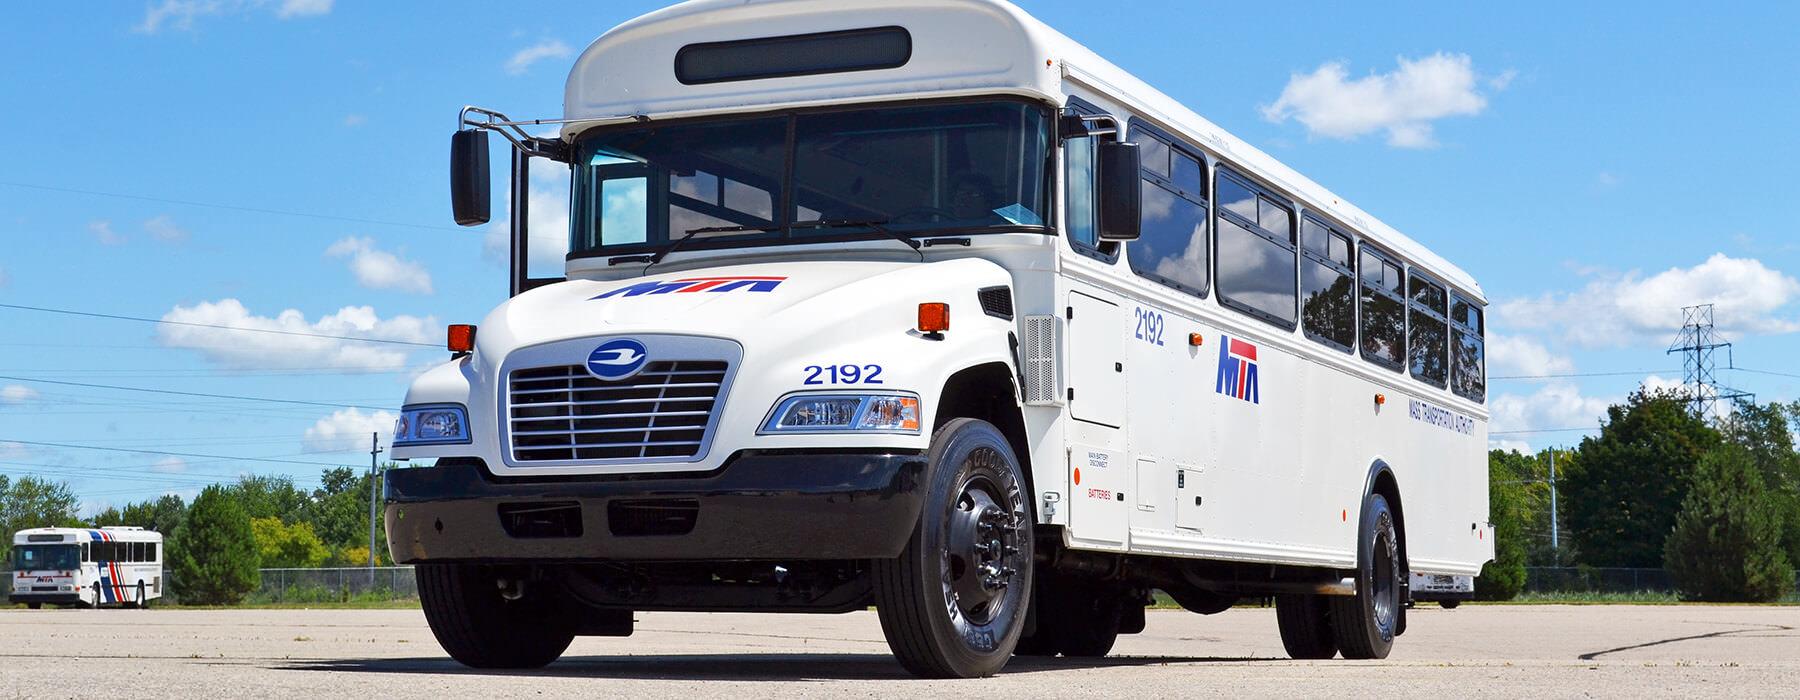 Peak Period Routes Bus